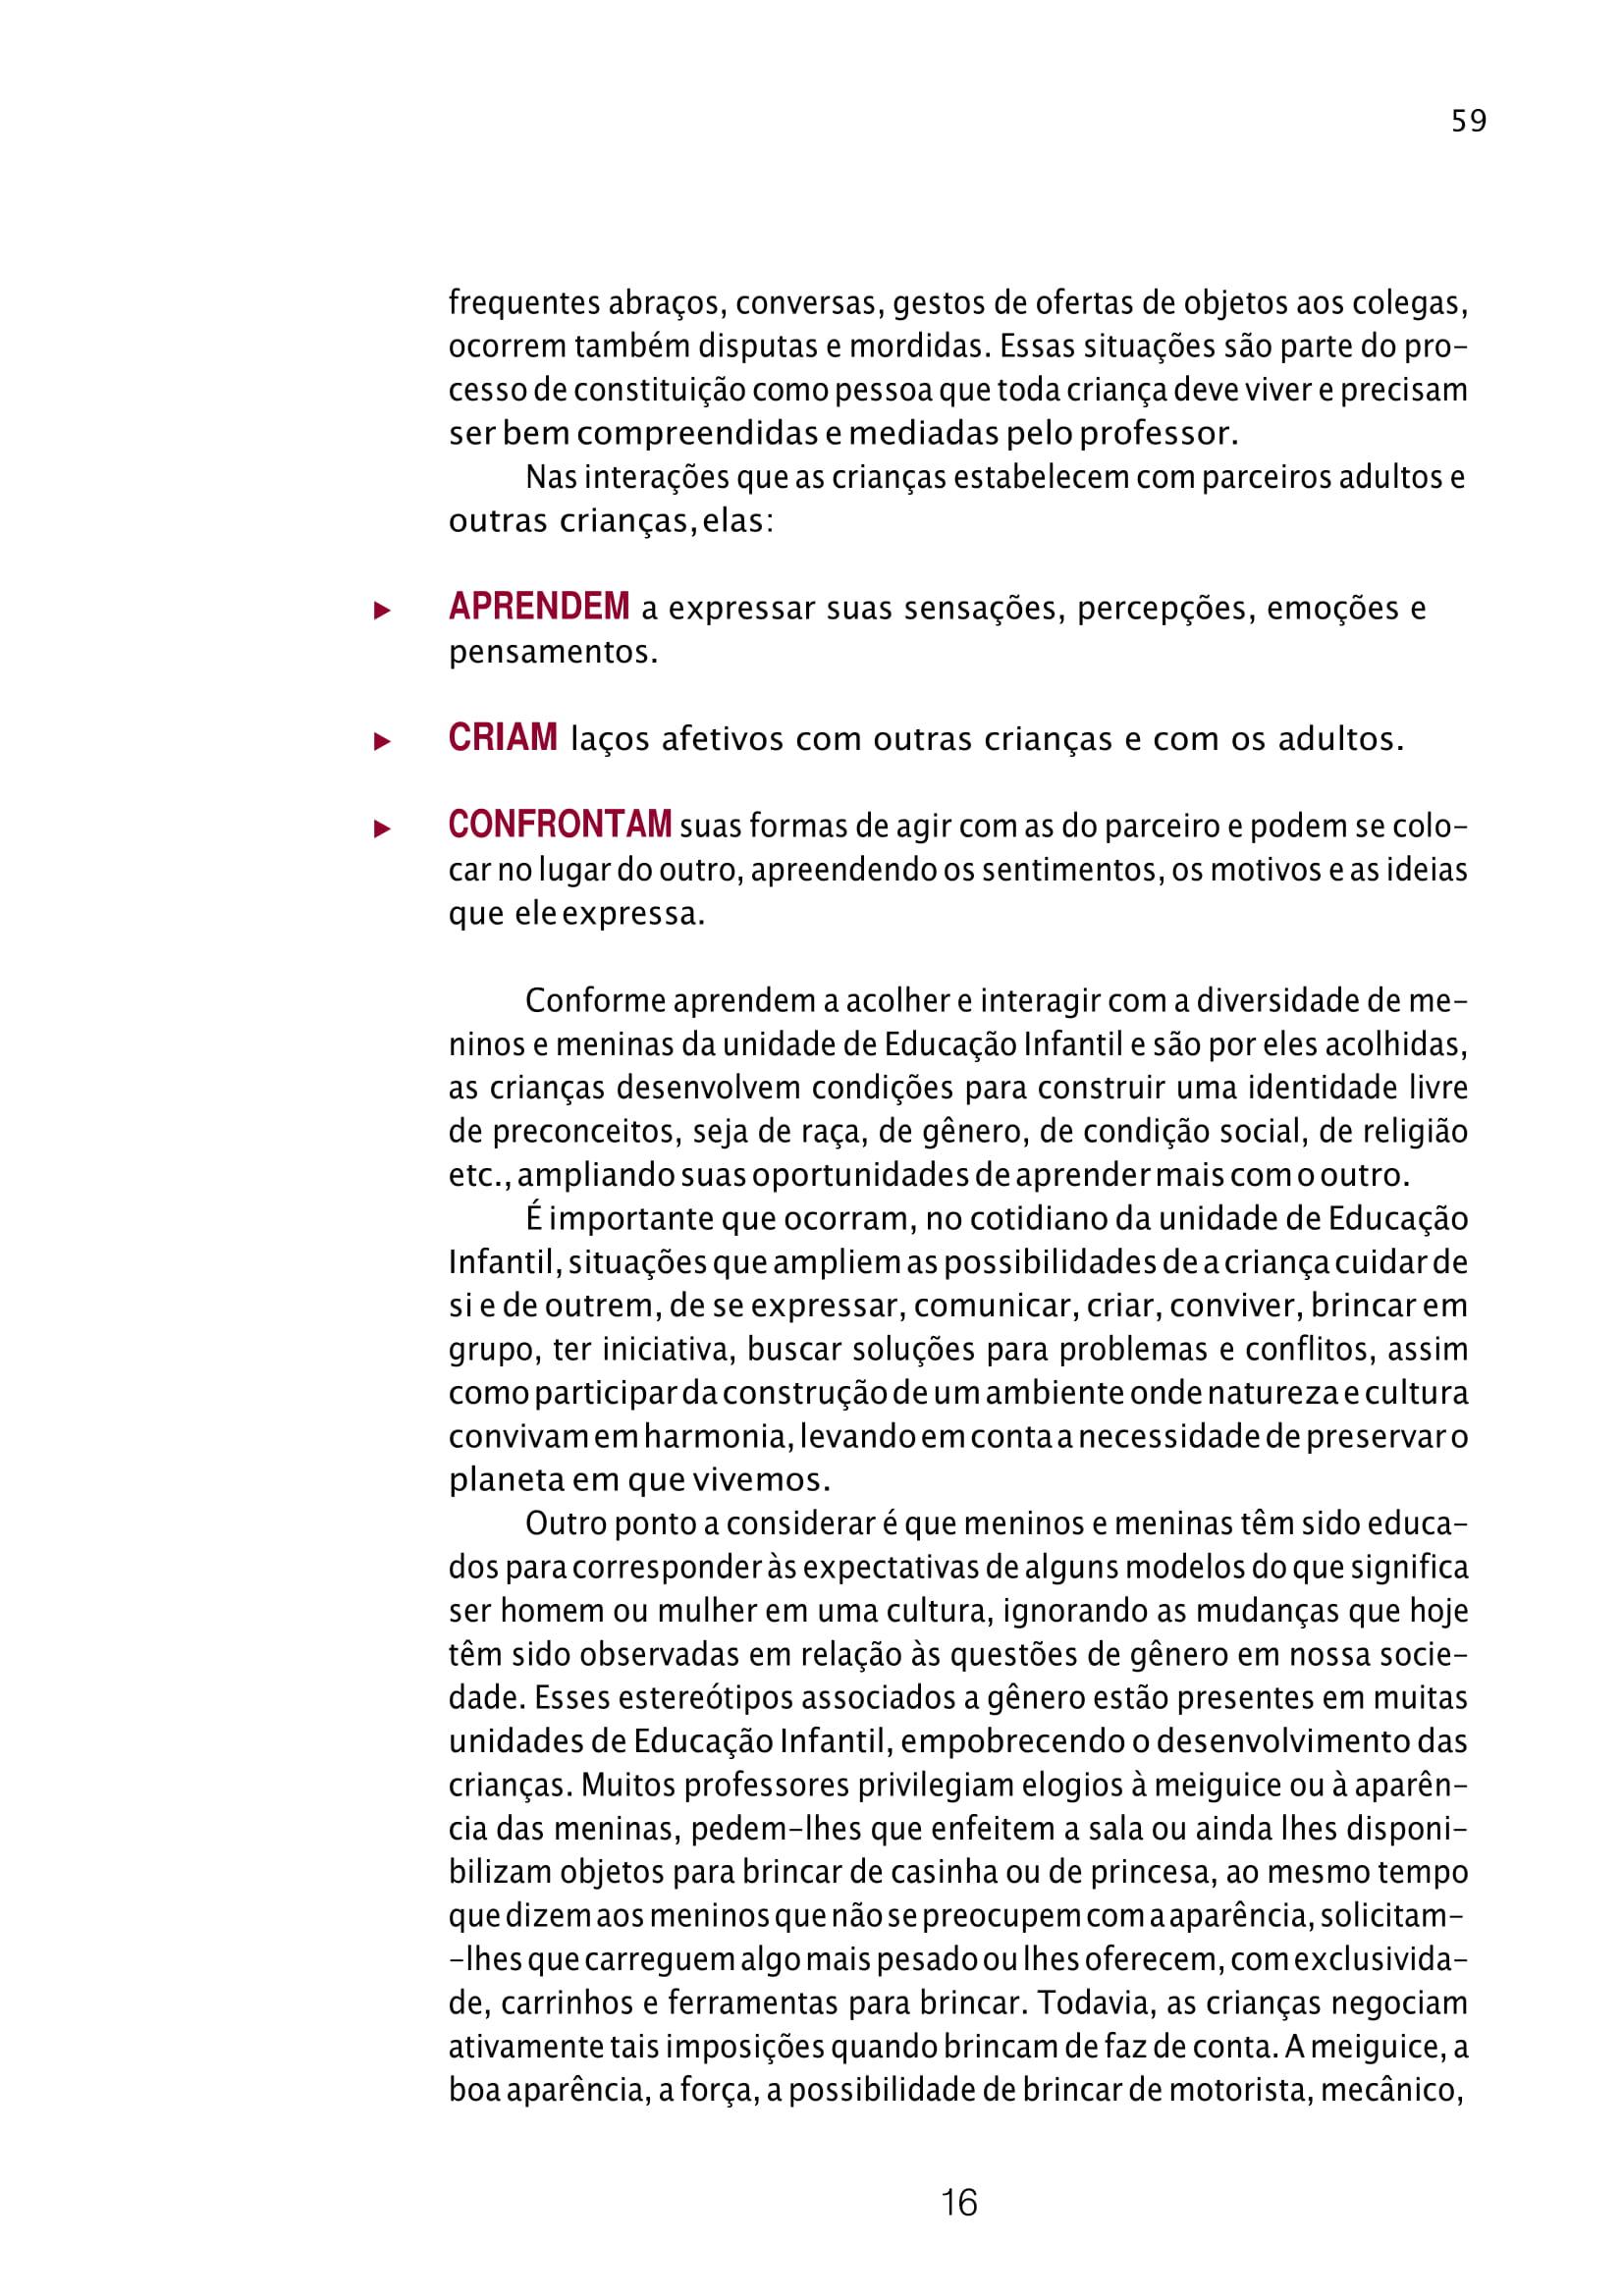 planejamento-educação-infantil-bncc-geral-89